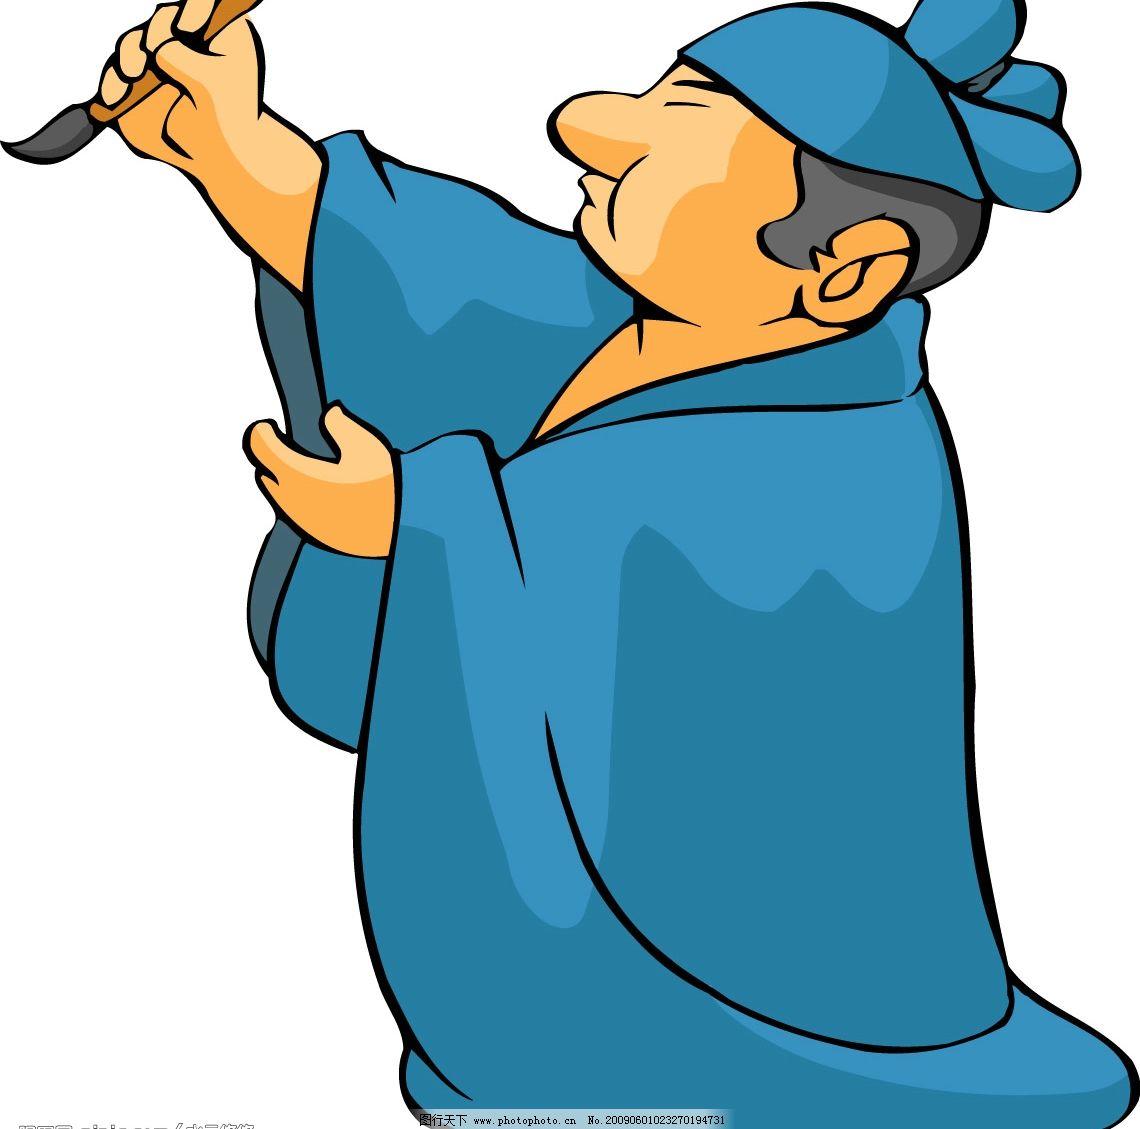 书生 古代人物 拿毛笔写字 矢量图 ai 矢量人物 职业人物 矢量图库